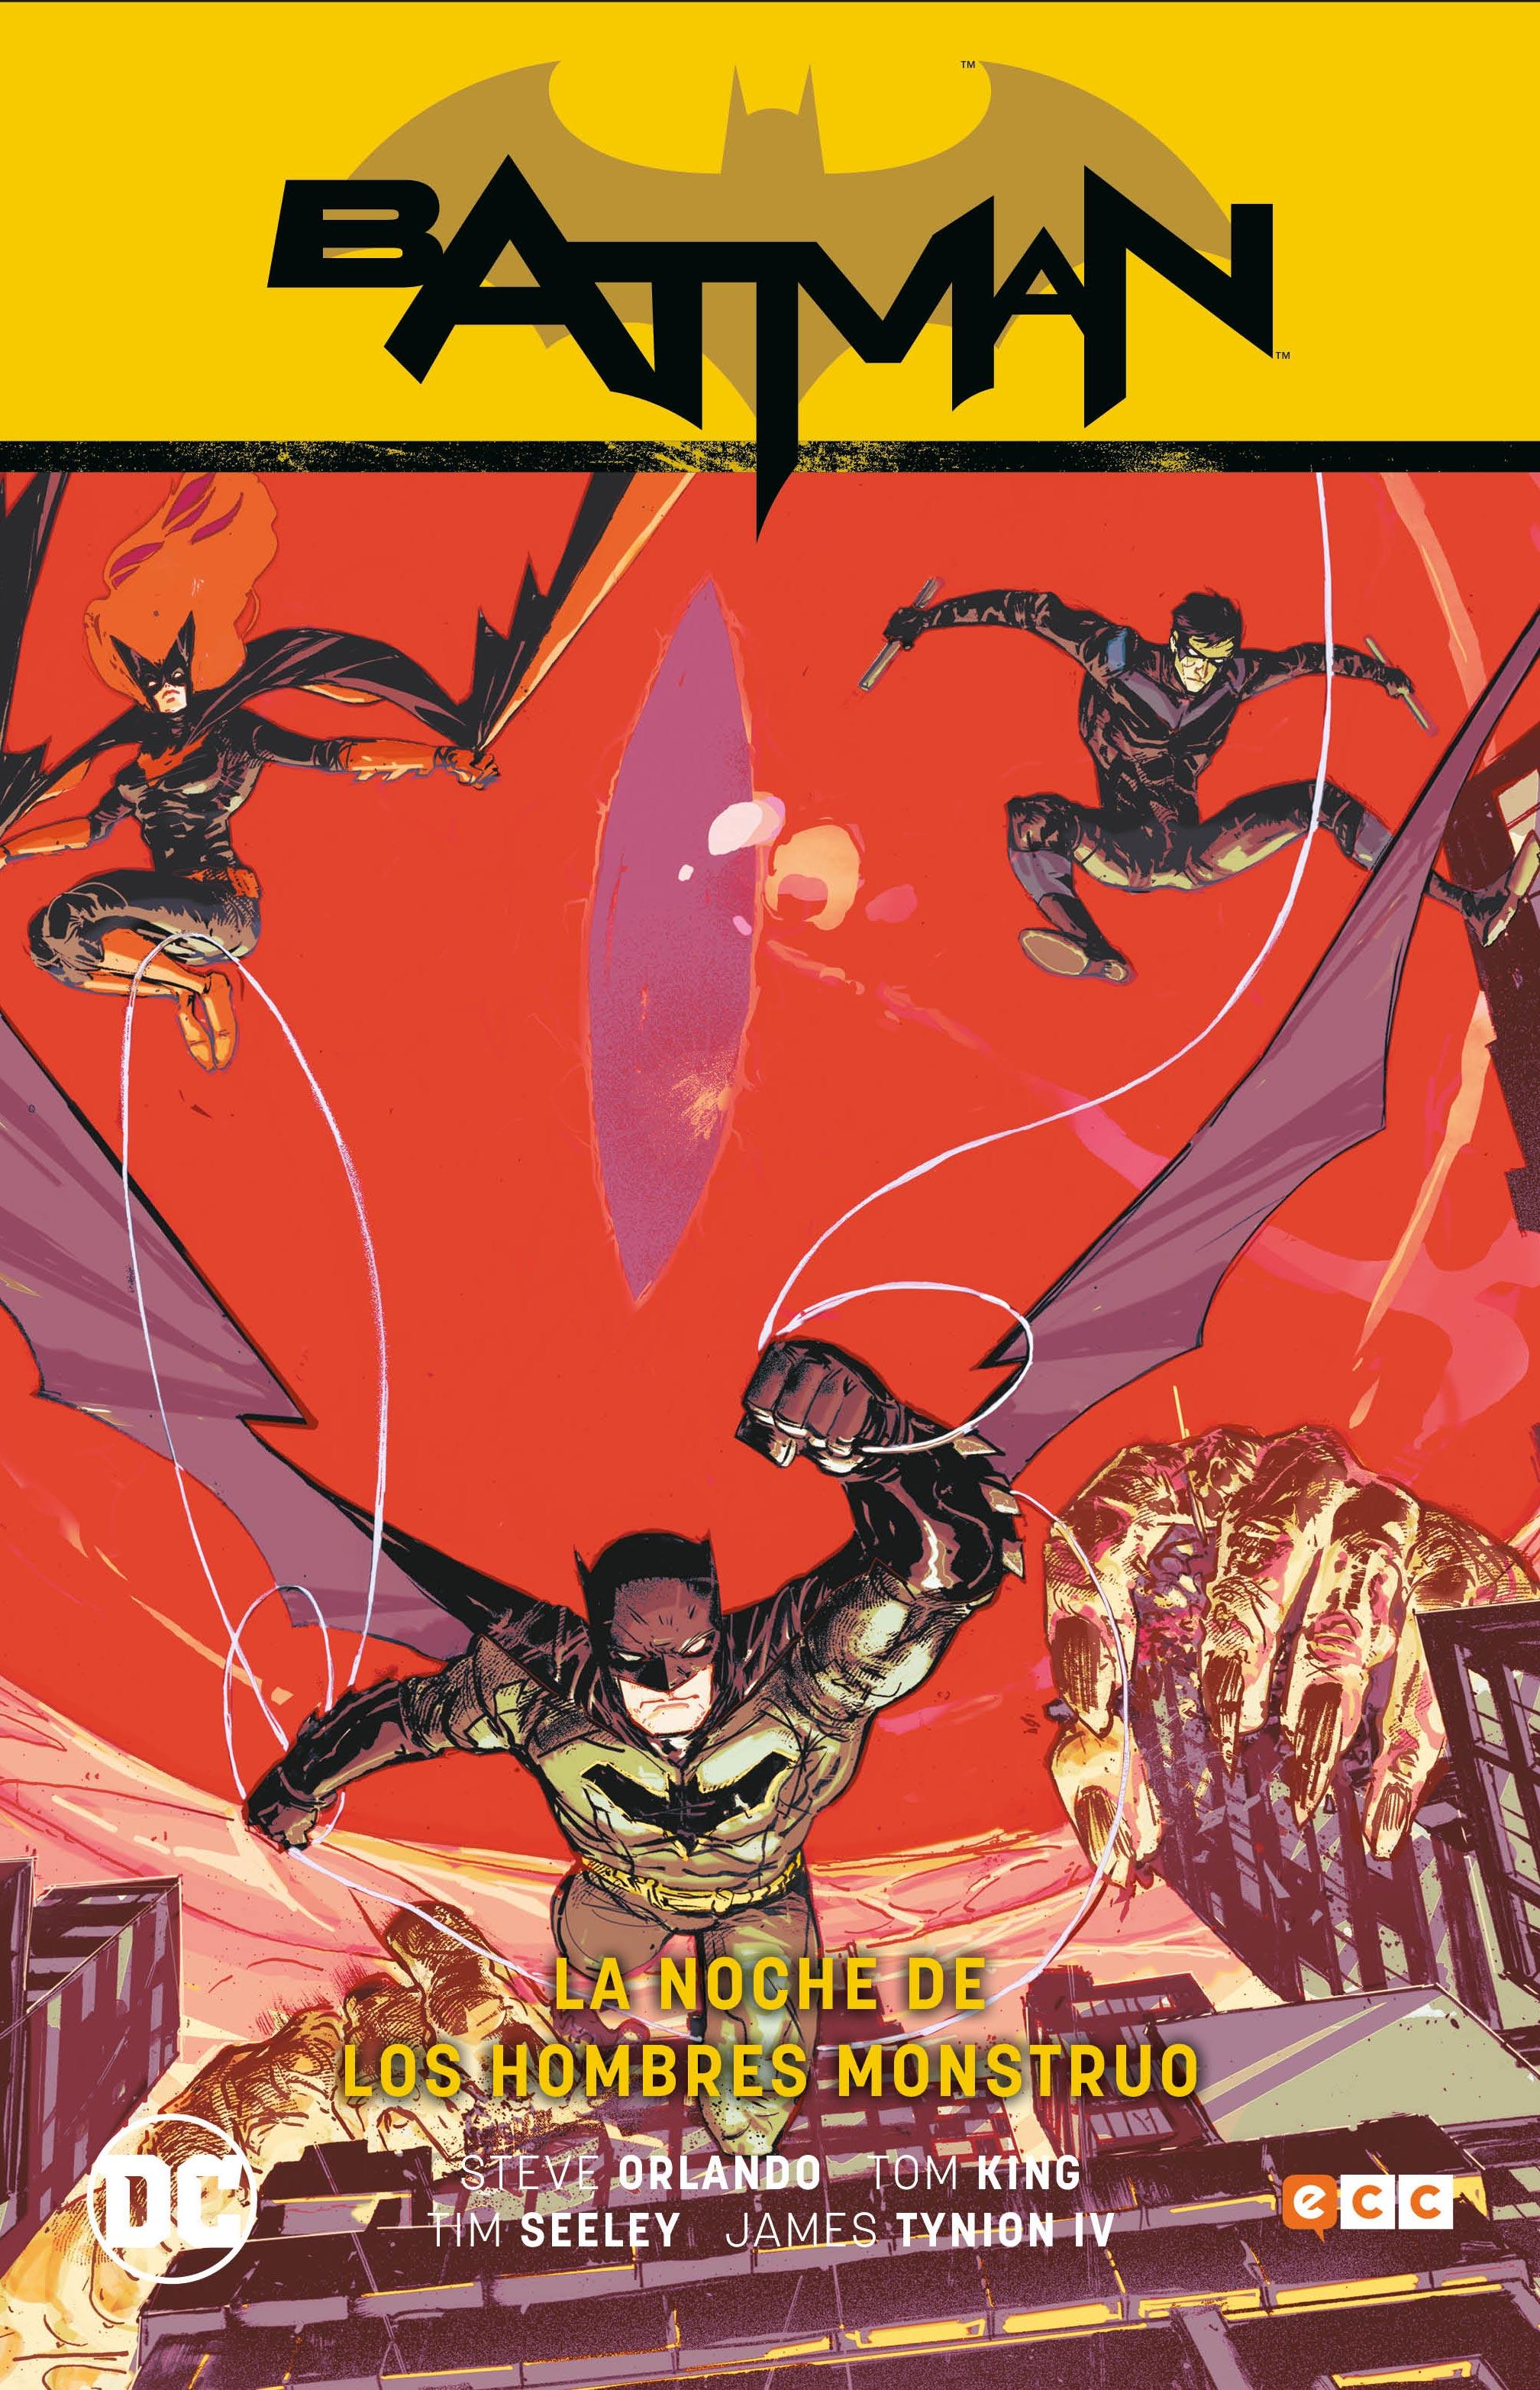 Batman Vol. 2: La noche de los hombres monstruo (Rebirth)